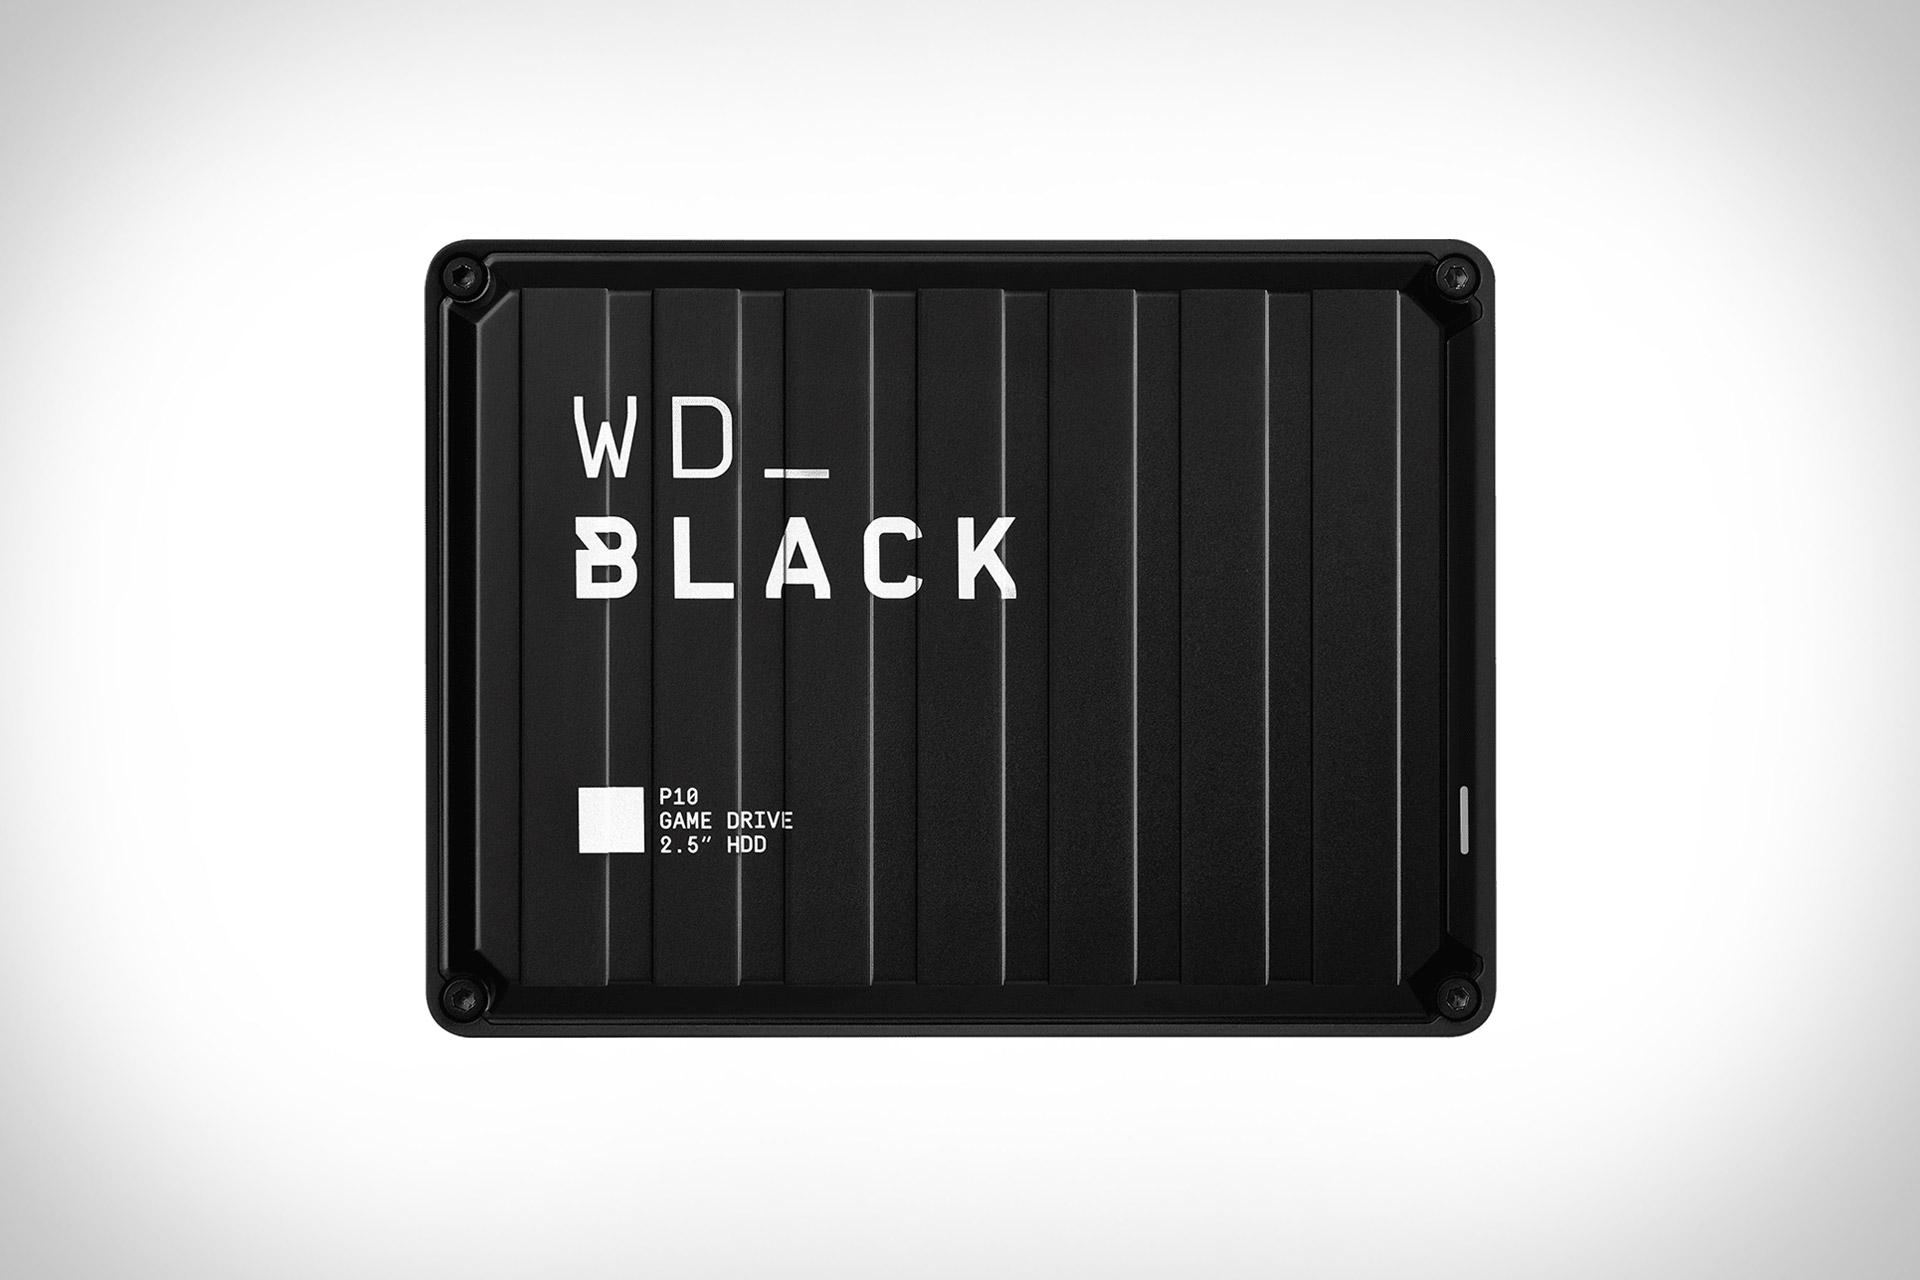 WD Black Gaming Storage